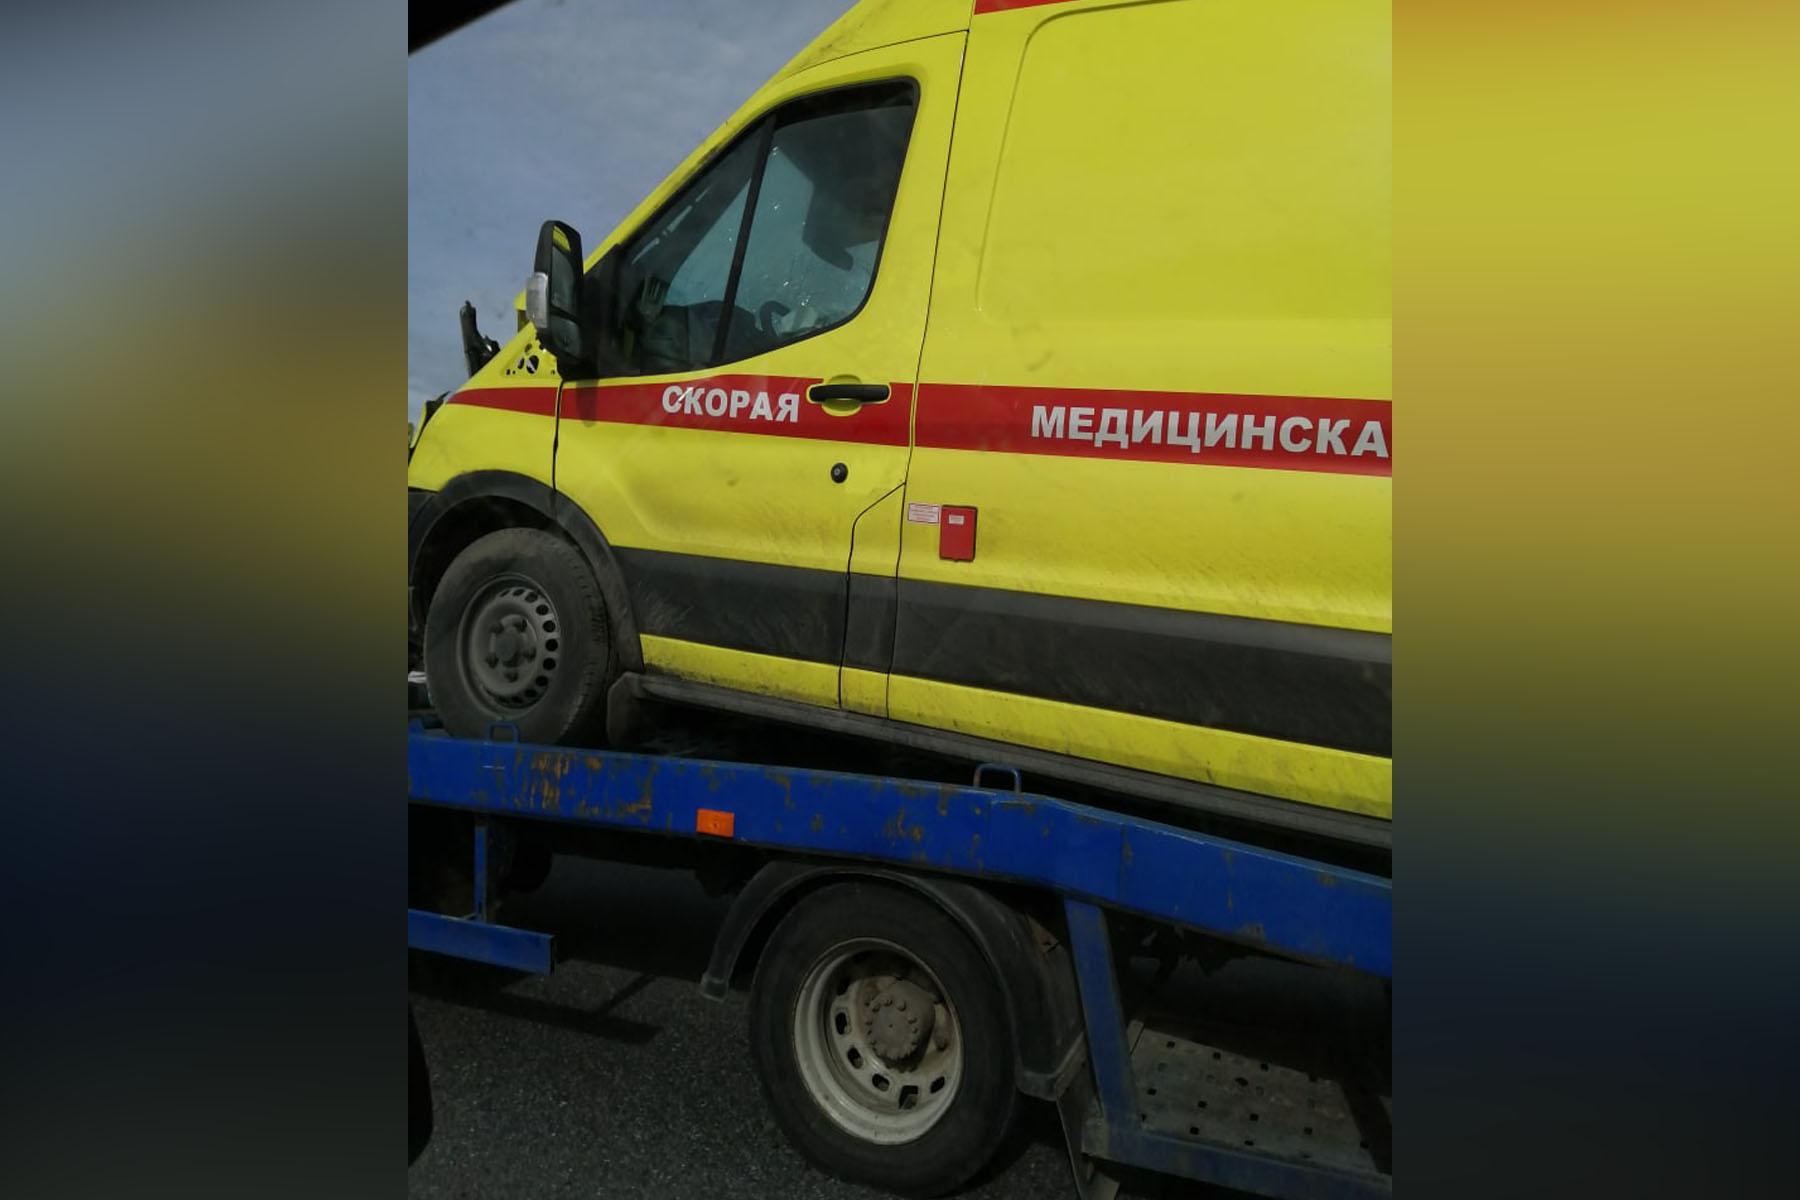 Опрокинулся в кювет. На трассе М5 в Челябинской области столкнулись реанимобиль и грузовик ВИДЕО